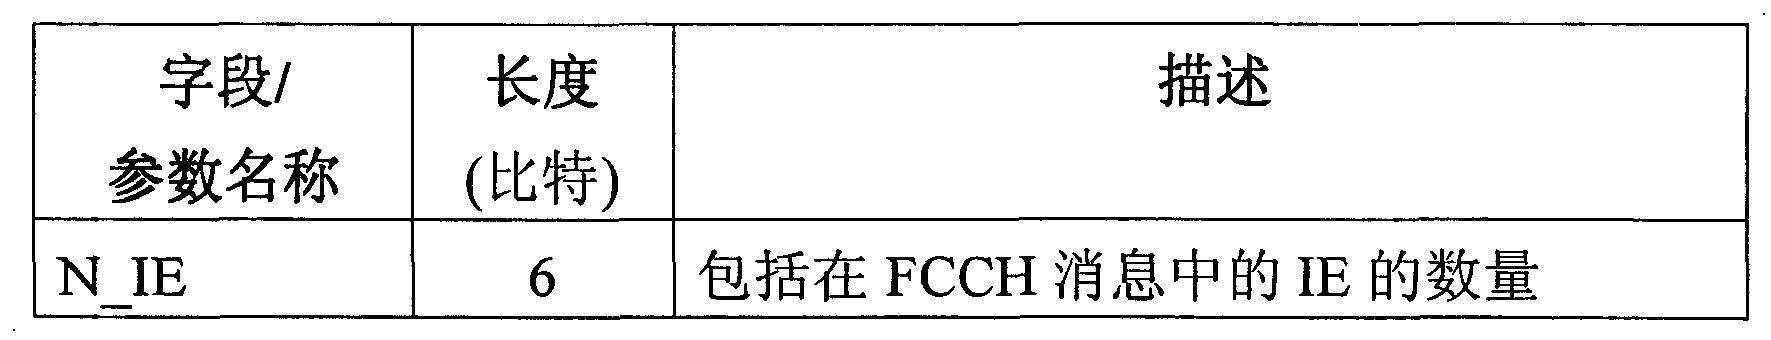 Figure CN1906892BD00171